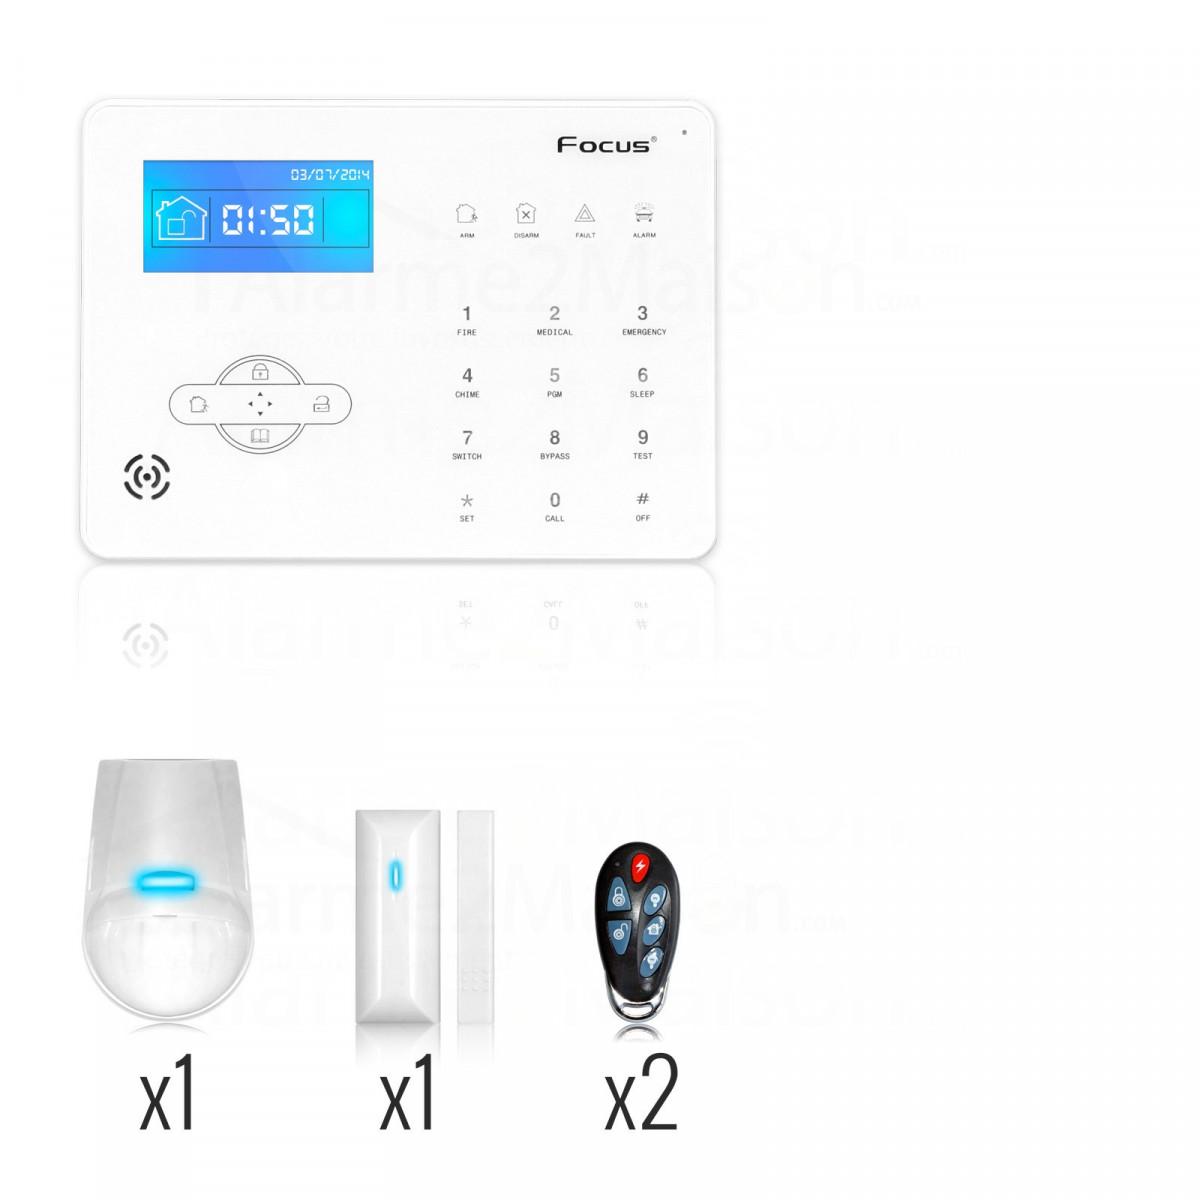 alarme maison sans fil focus rtc t l phonique 1 2 pi ces comparer les prix de alarme maison. Black Bedroom Furniture Sets. Home Design Ideas